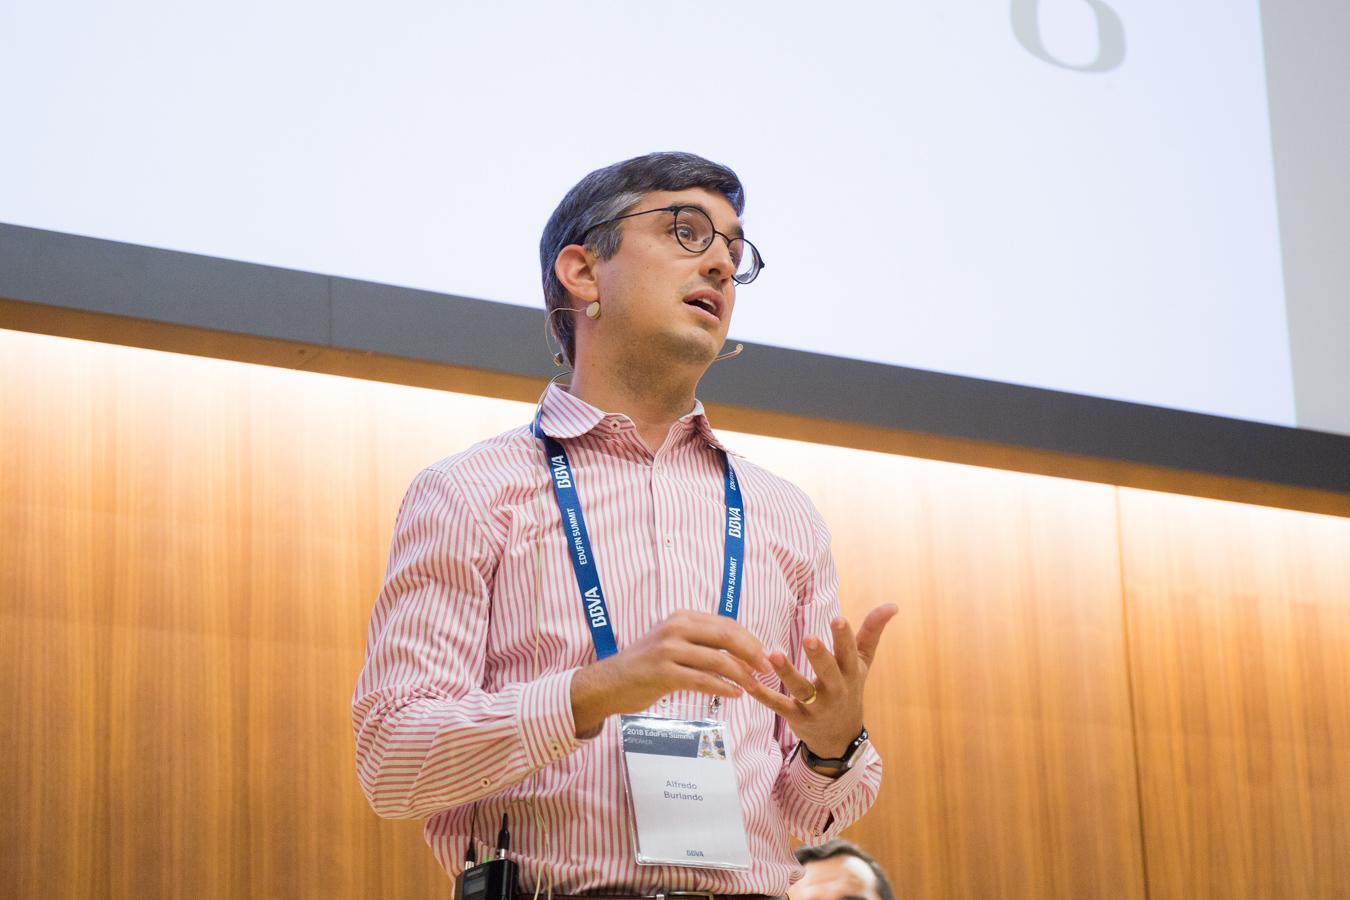 Alfredo Burlando, Profesor Asociado de Economía, University of Oregon